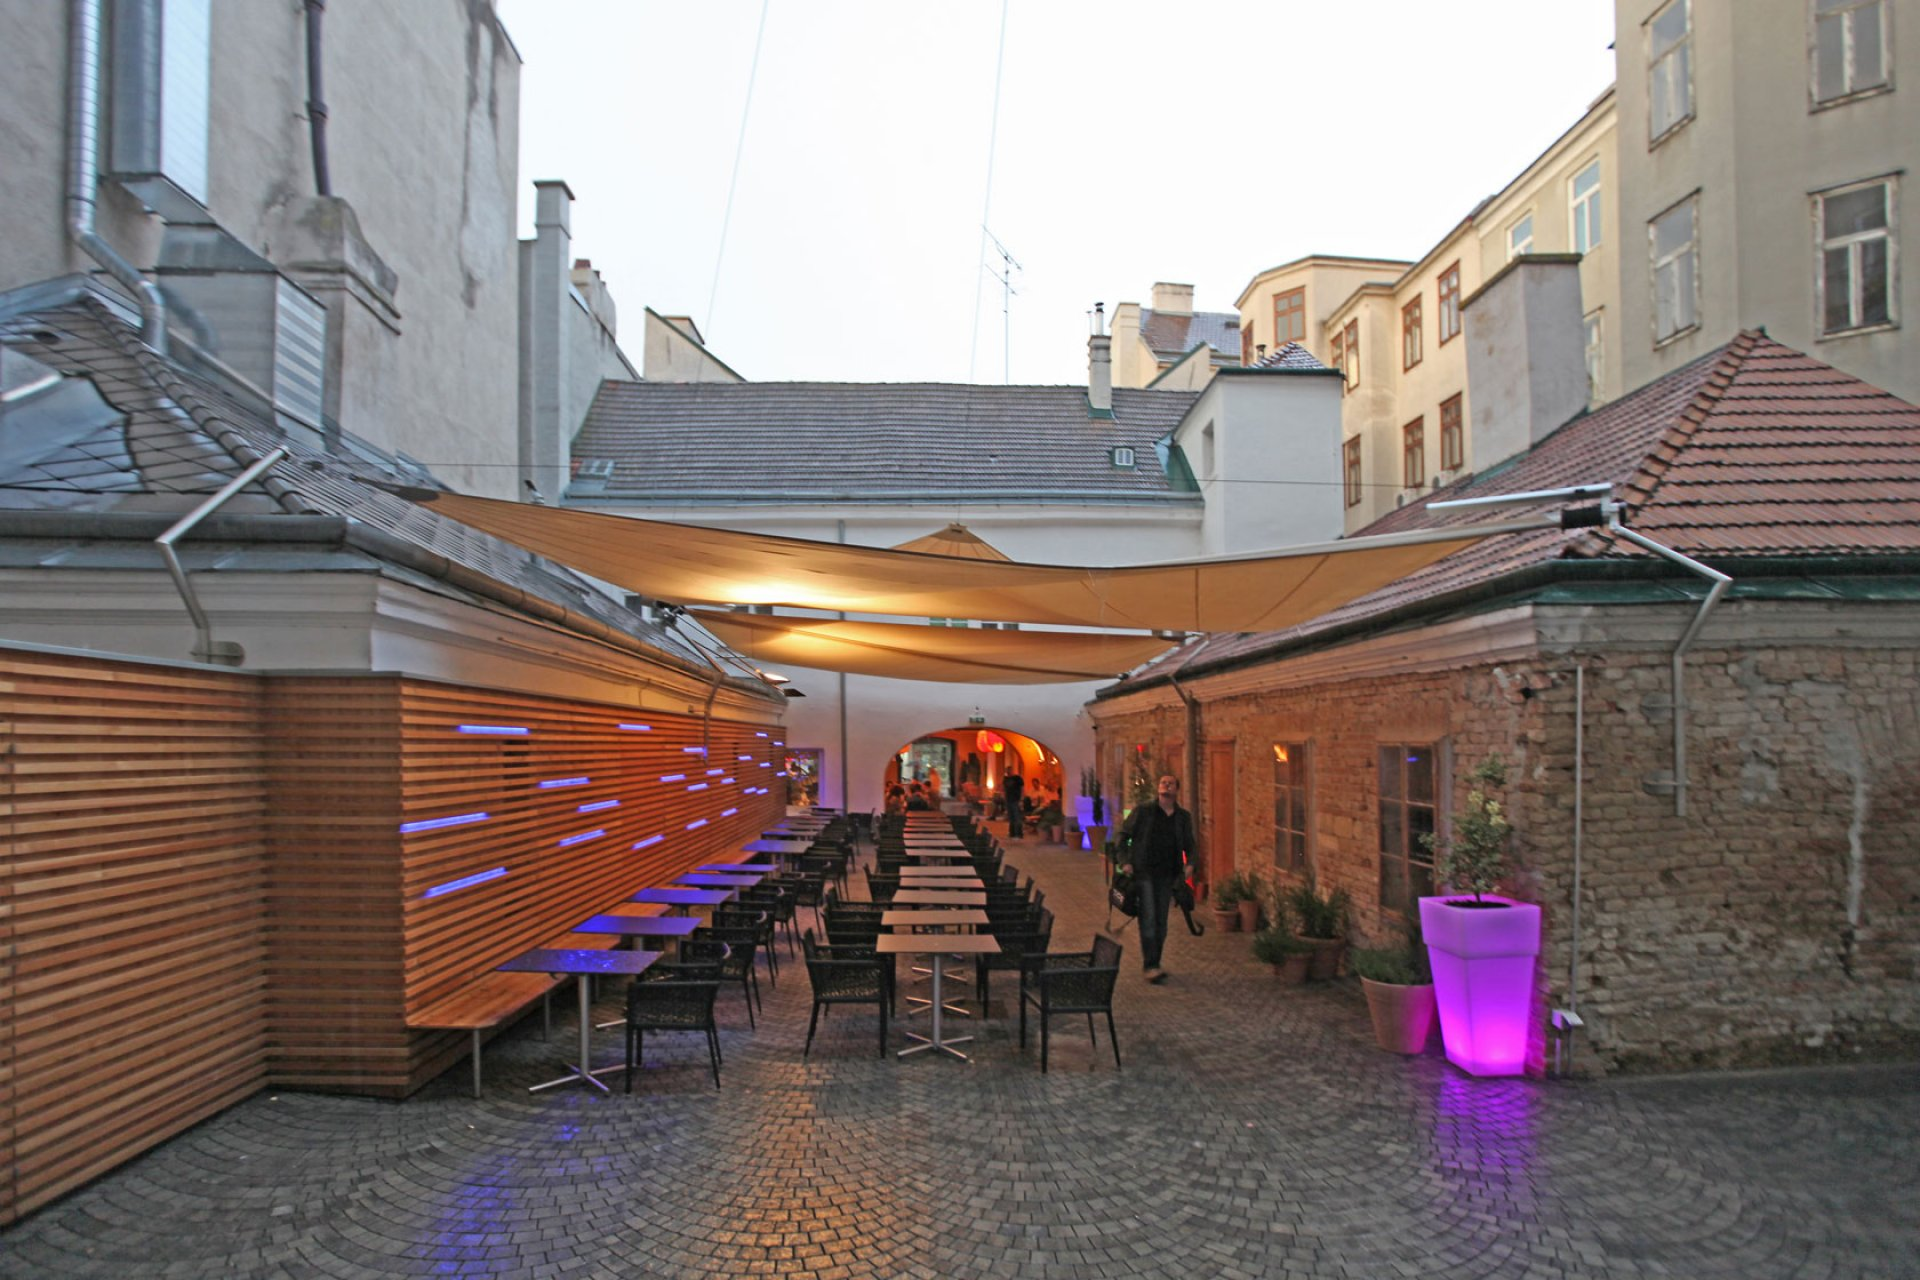 SunSquare mehrfach Dreiecksegel-Anlage für Caffè Latte in Wien.